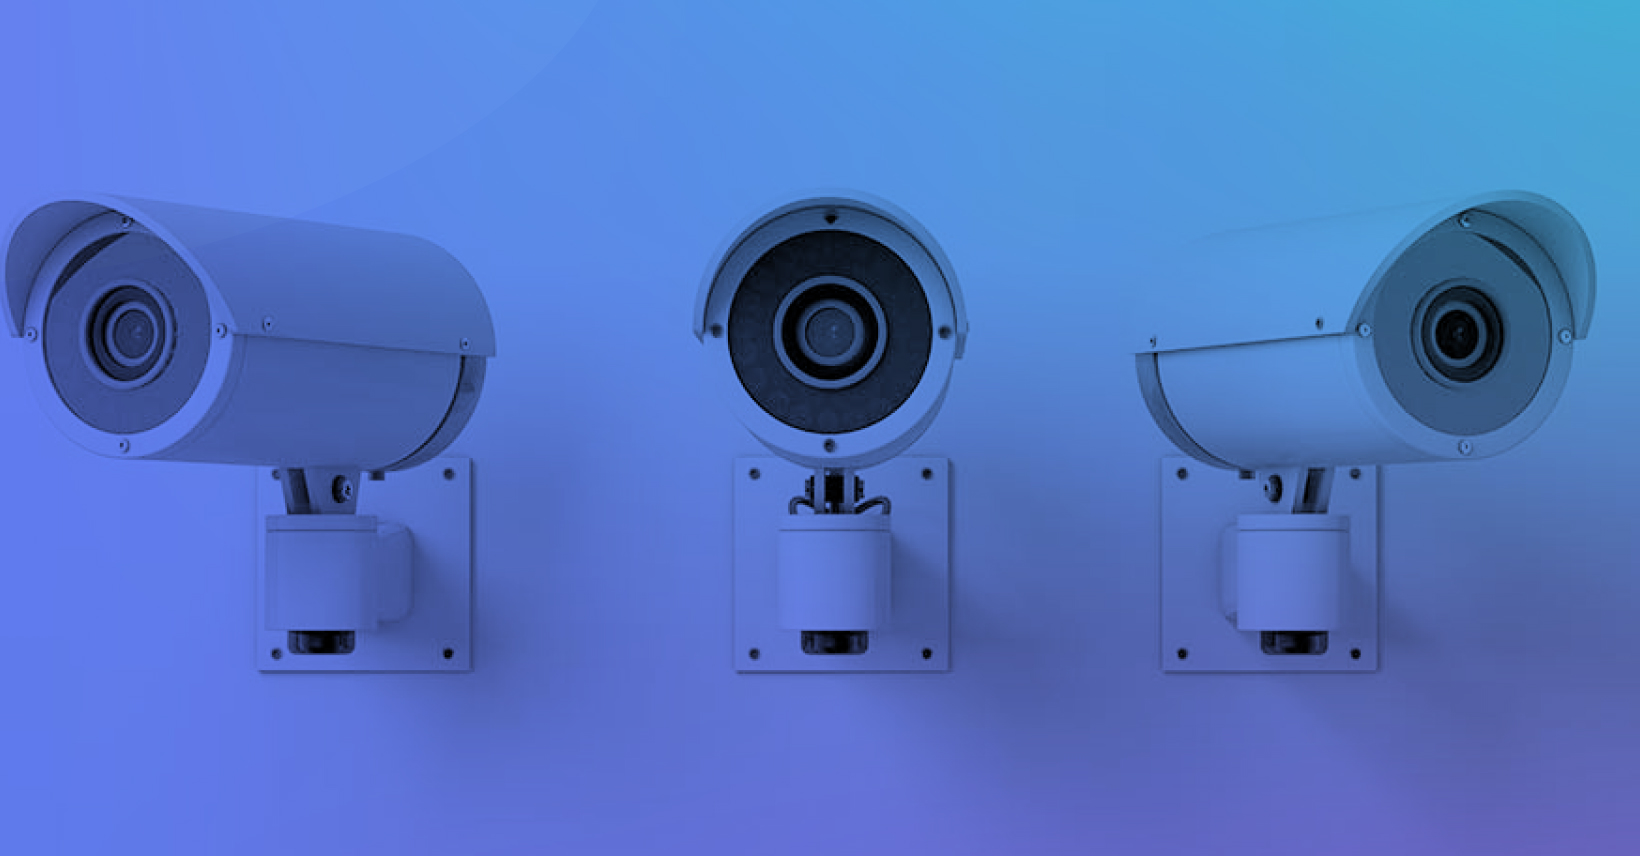 Comouter Vision Surveillance